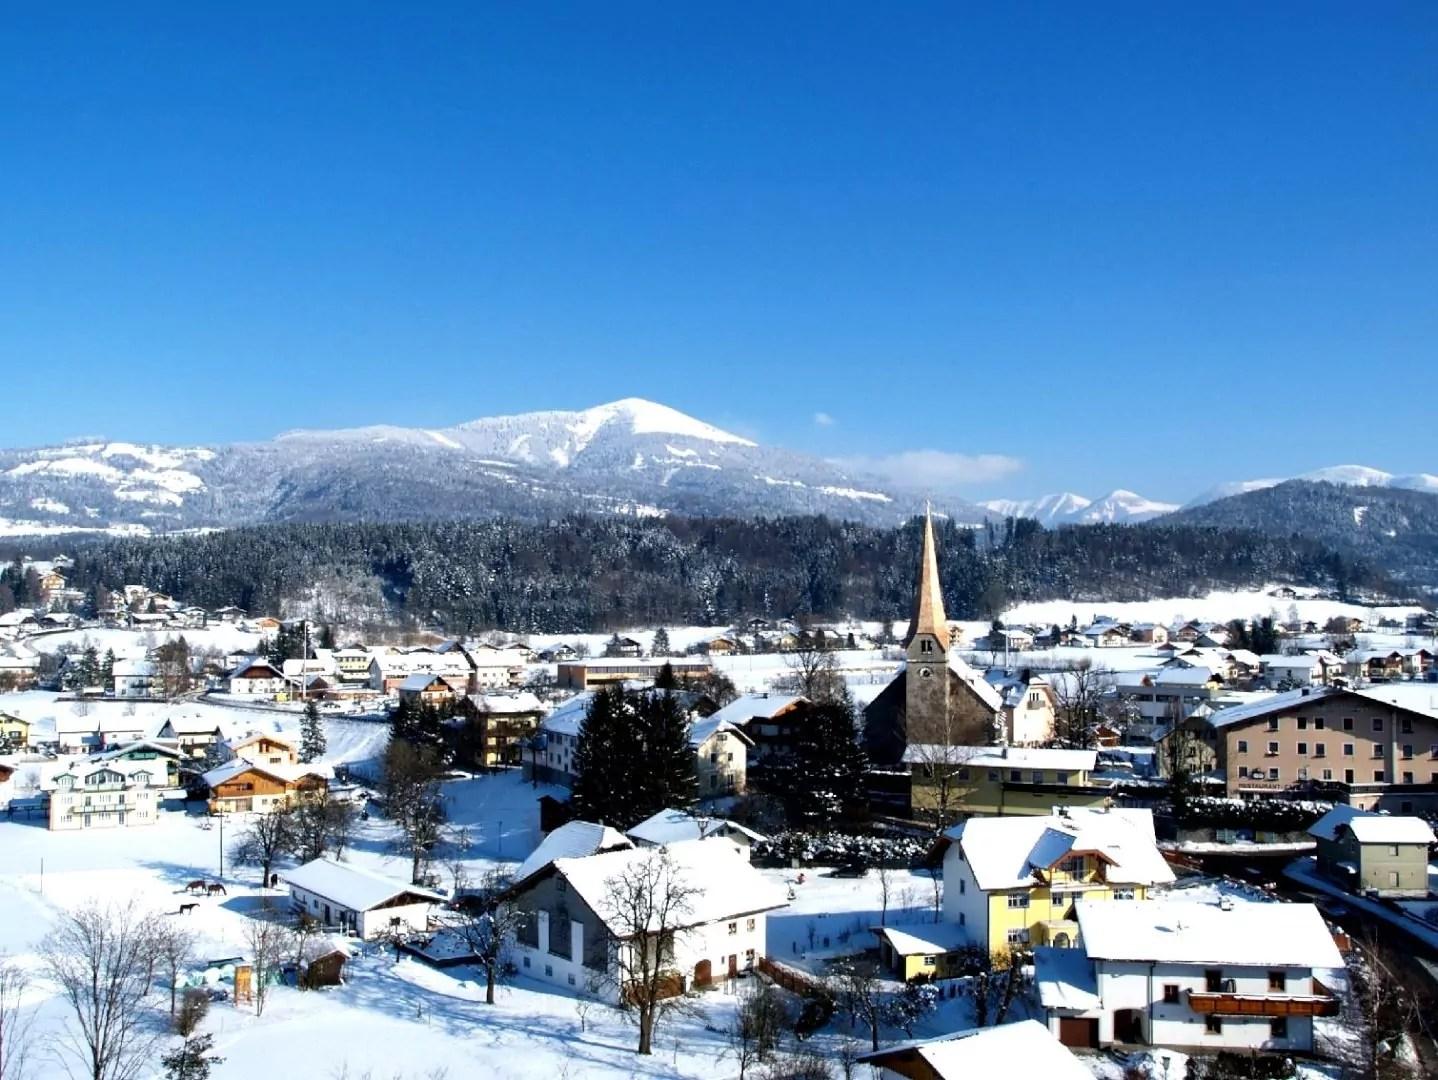 wintersport en aanbiedingen in Bad Vigaun